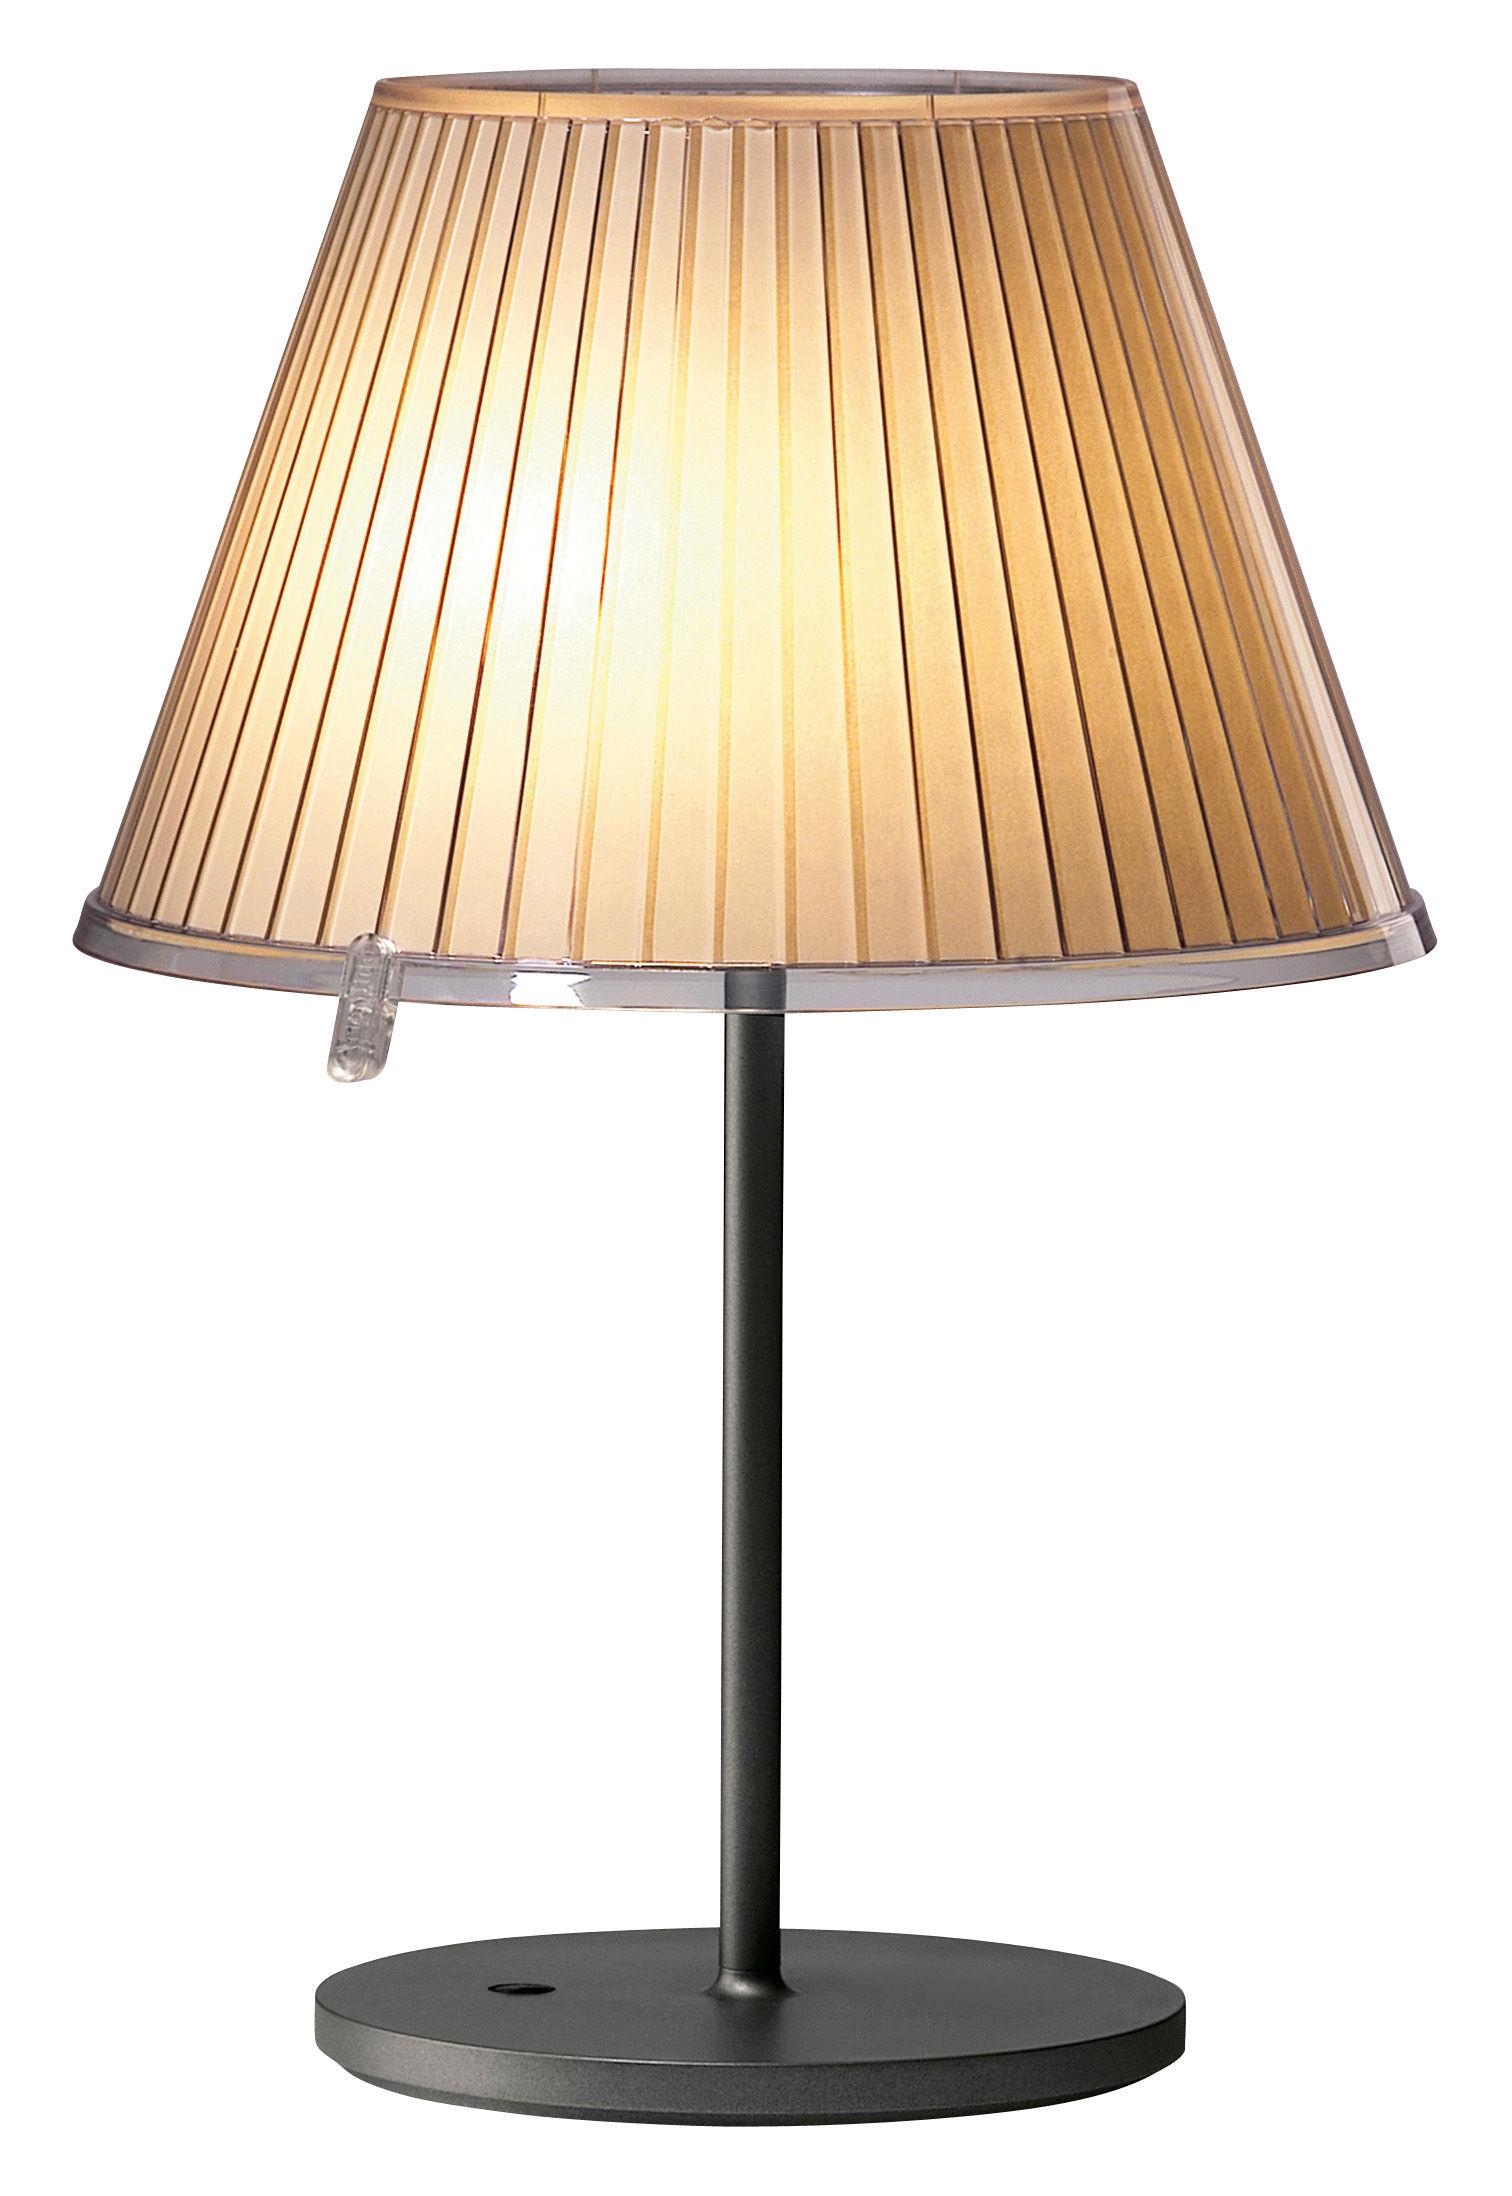 Leuchten - Tischleuchten - Choose Tischleuchte - Artemide - Beige - Glühbirne - Metall, Pergamentpapier, Polykarbonat